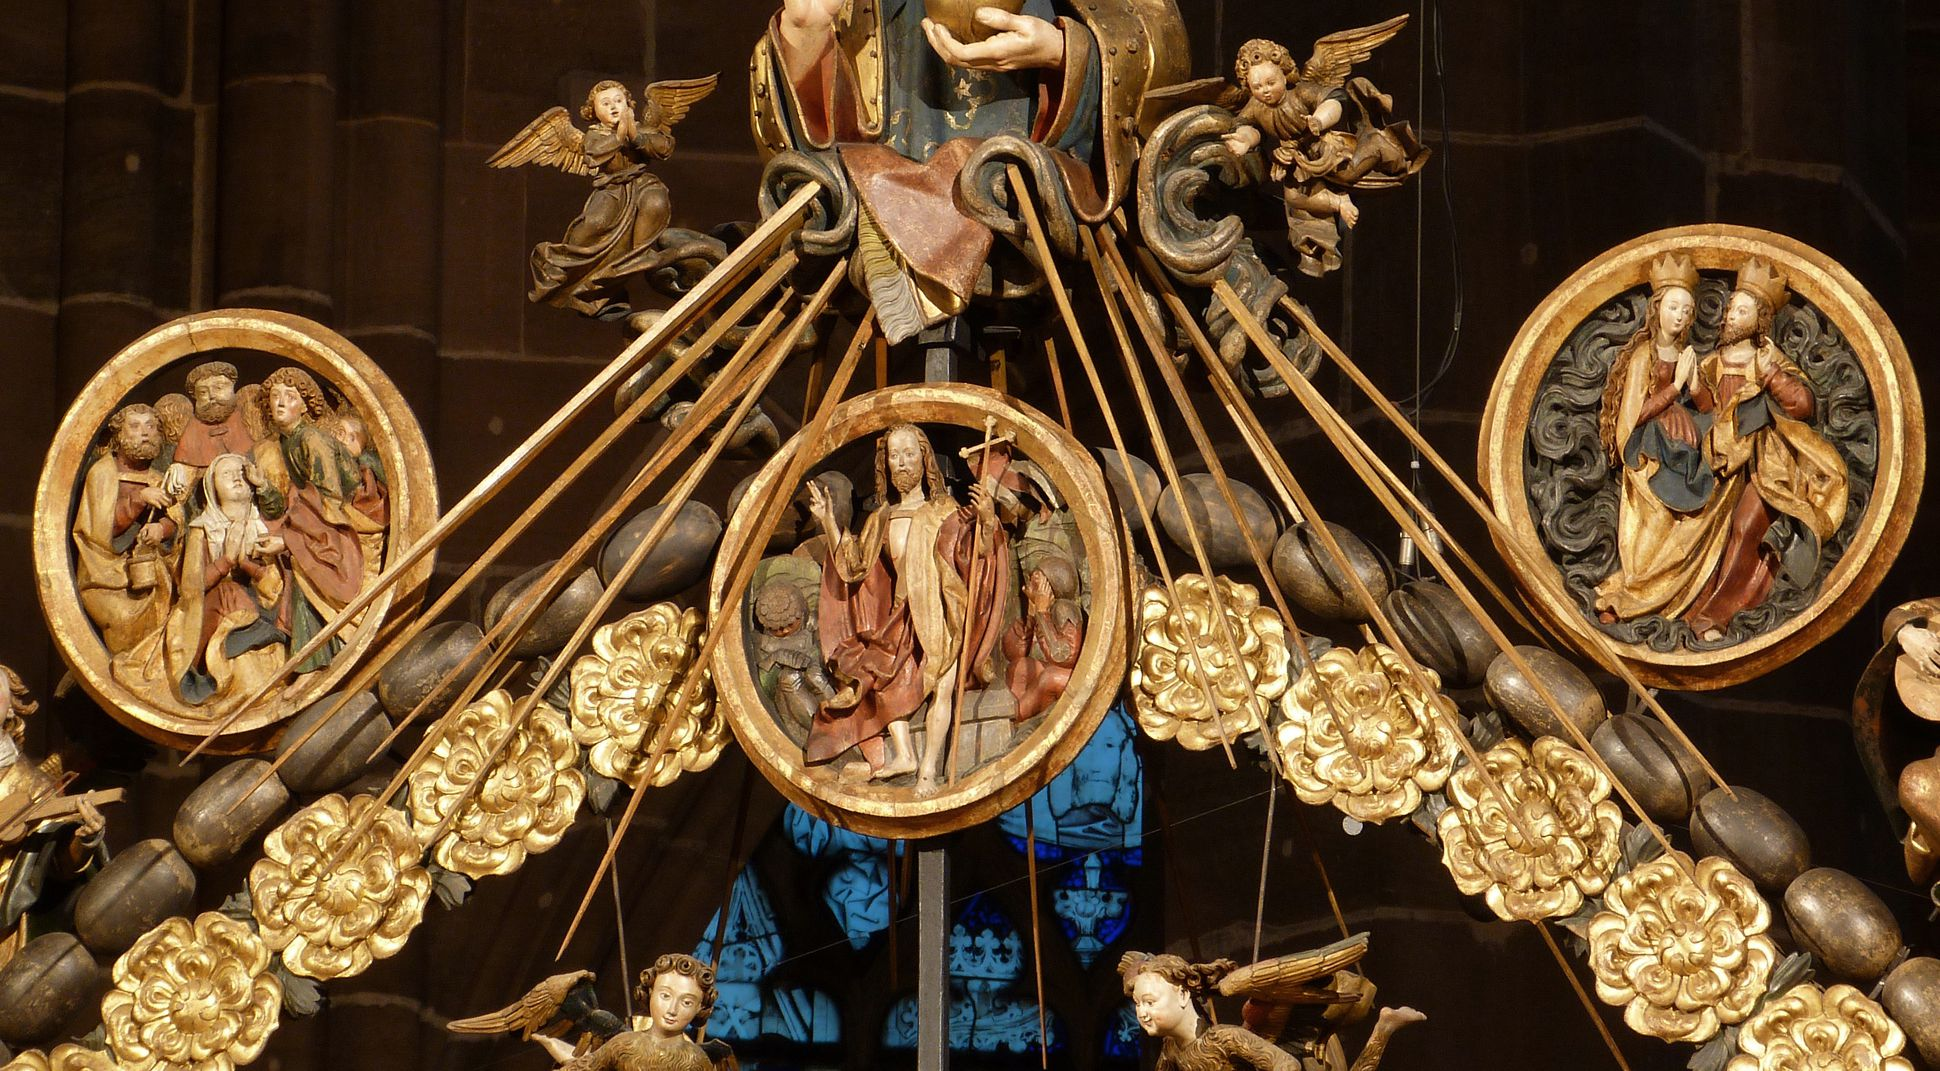 Englischer Gruß obere Medaillons des Rosenkranzes